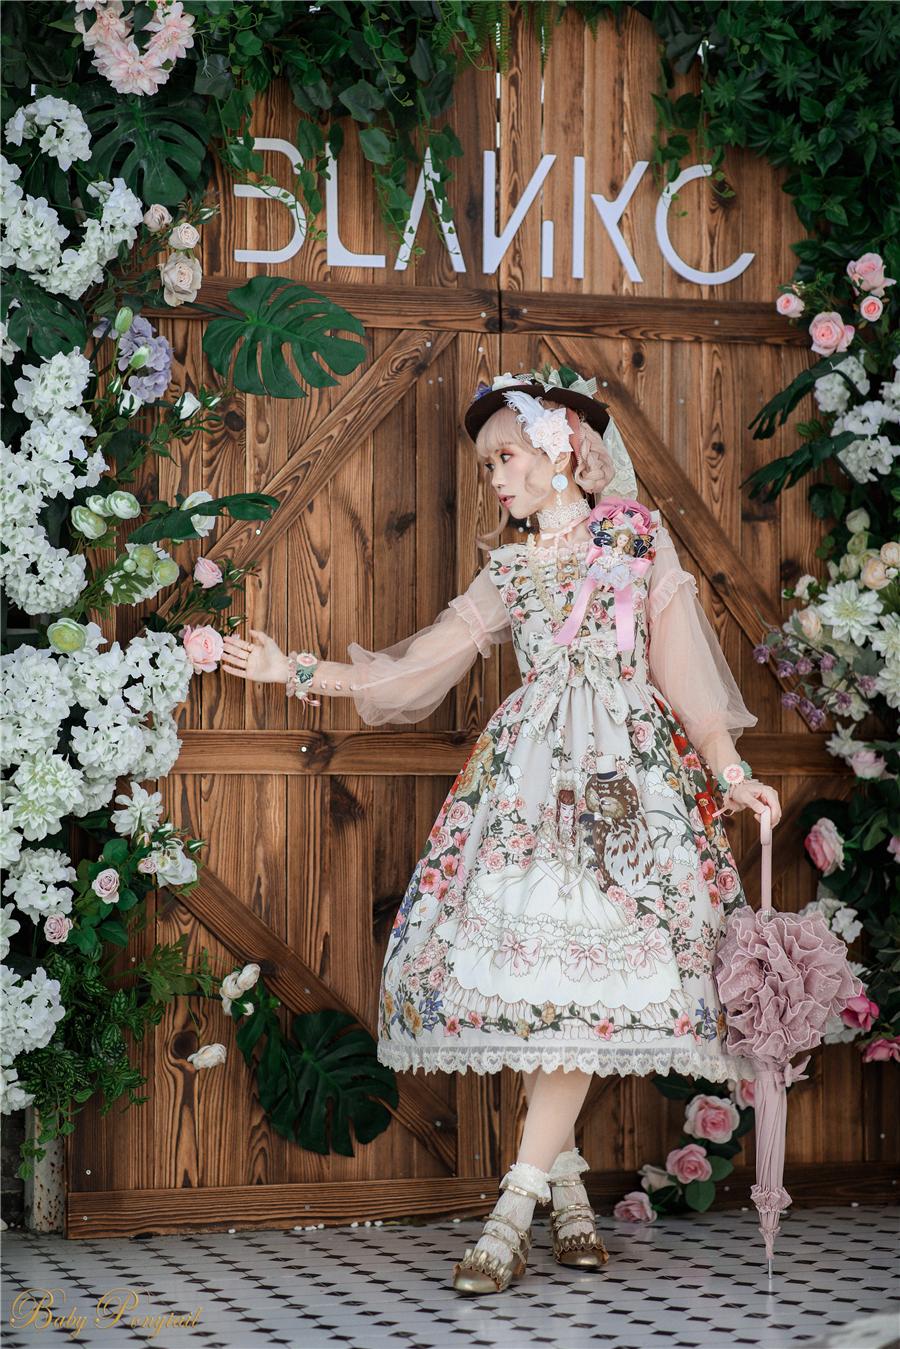 Baby Ponytail_Model Photo_Polly's Garden of Dreams_JSK Ivory_Kaka24.jpg